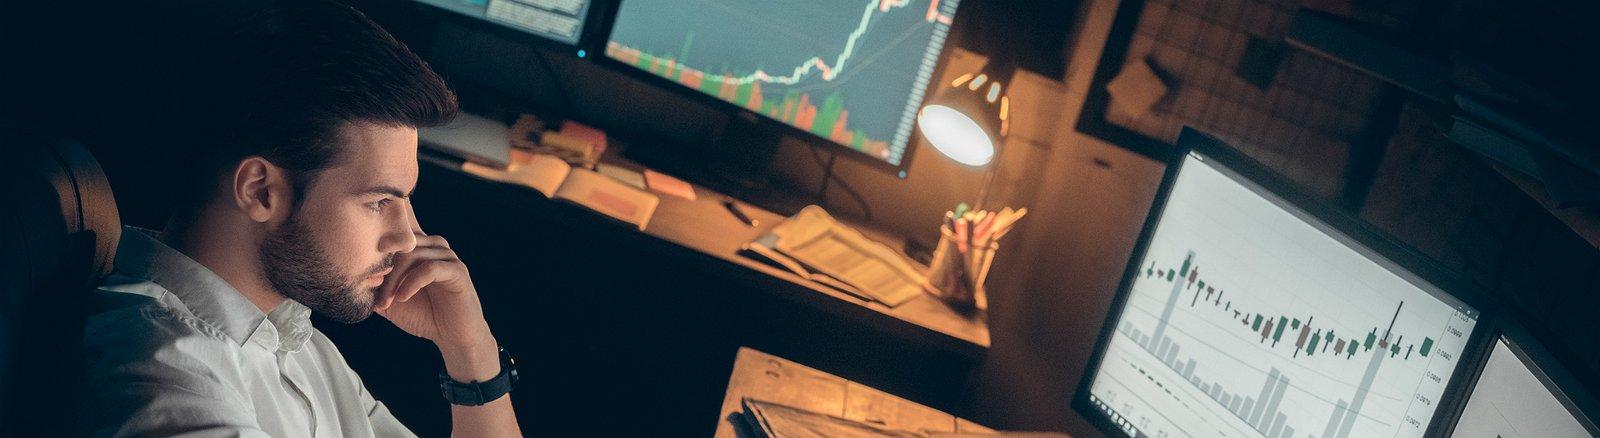 Вы — умеренный инвестор. Вас не вгоняют в панику временные падения рынка. При этом вы умело сочетаете средний риск и хорошую доходность.